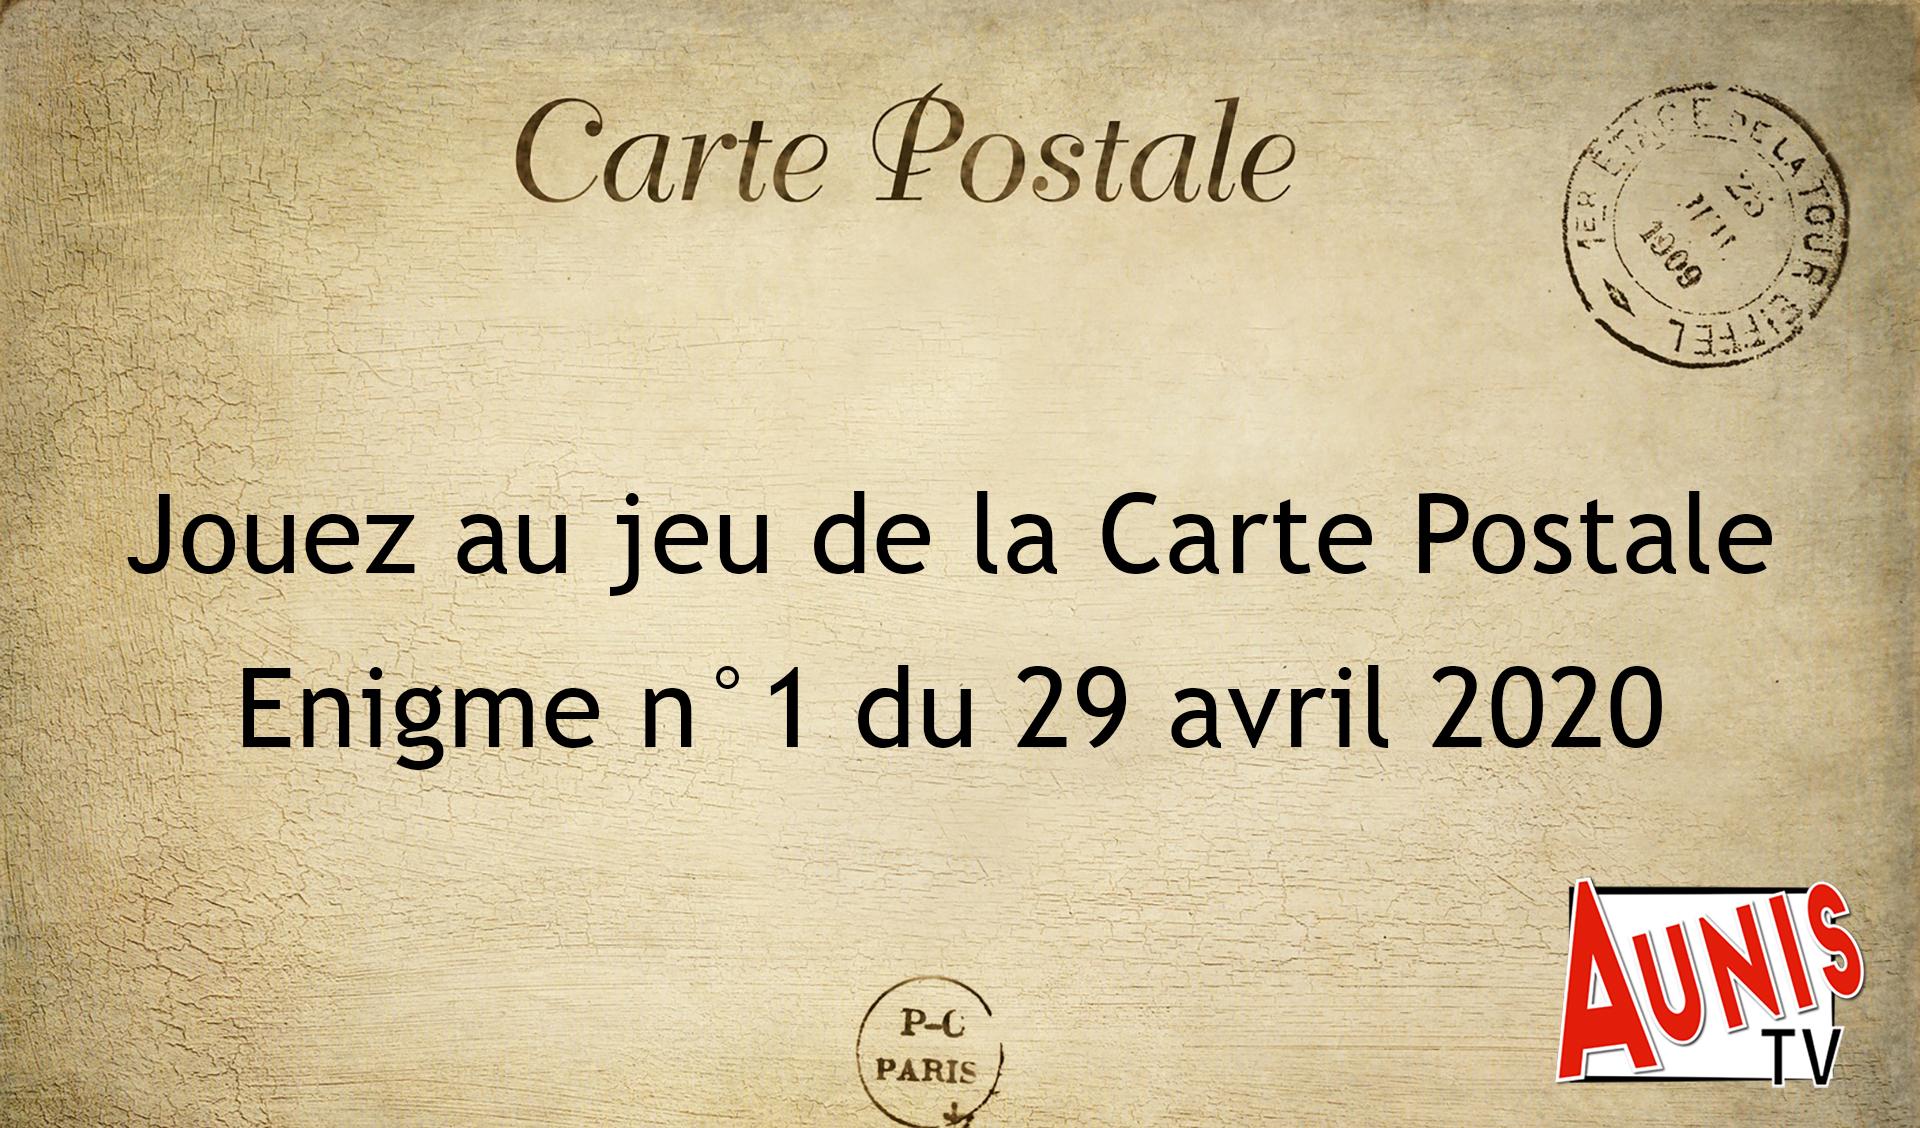 Jeu de la Carte Postale